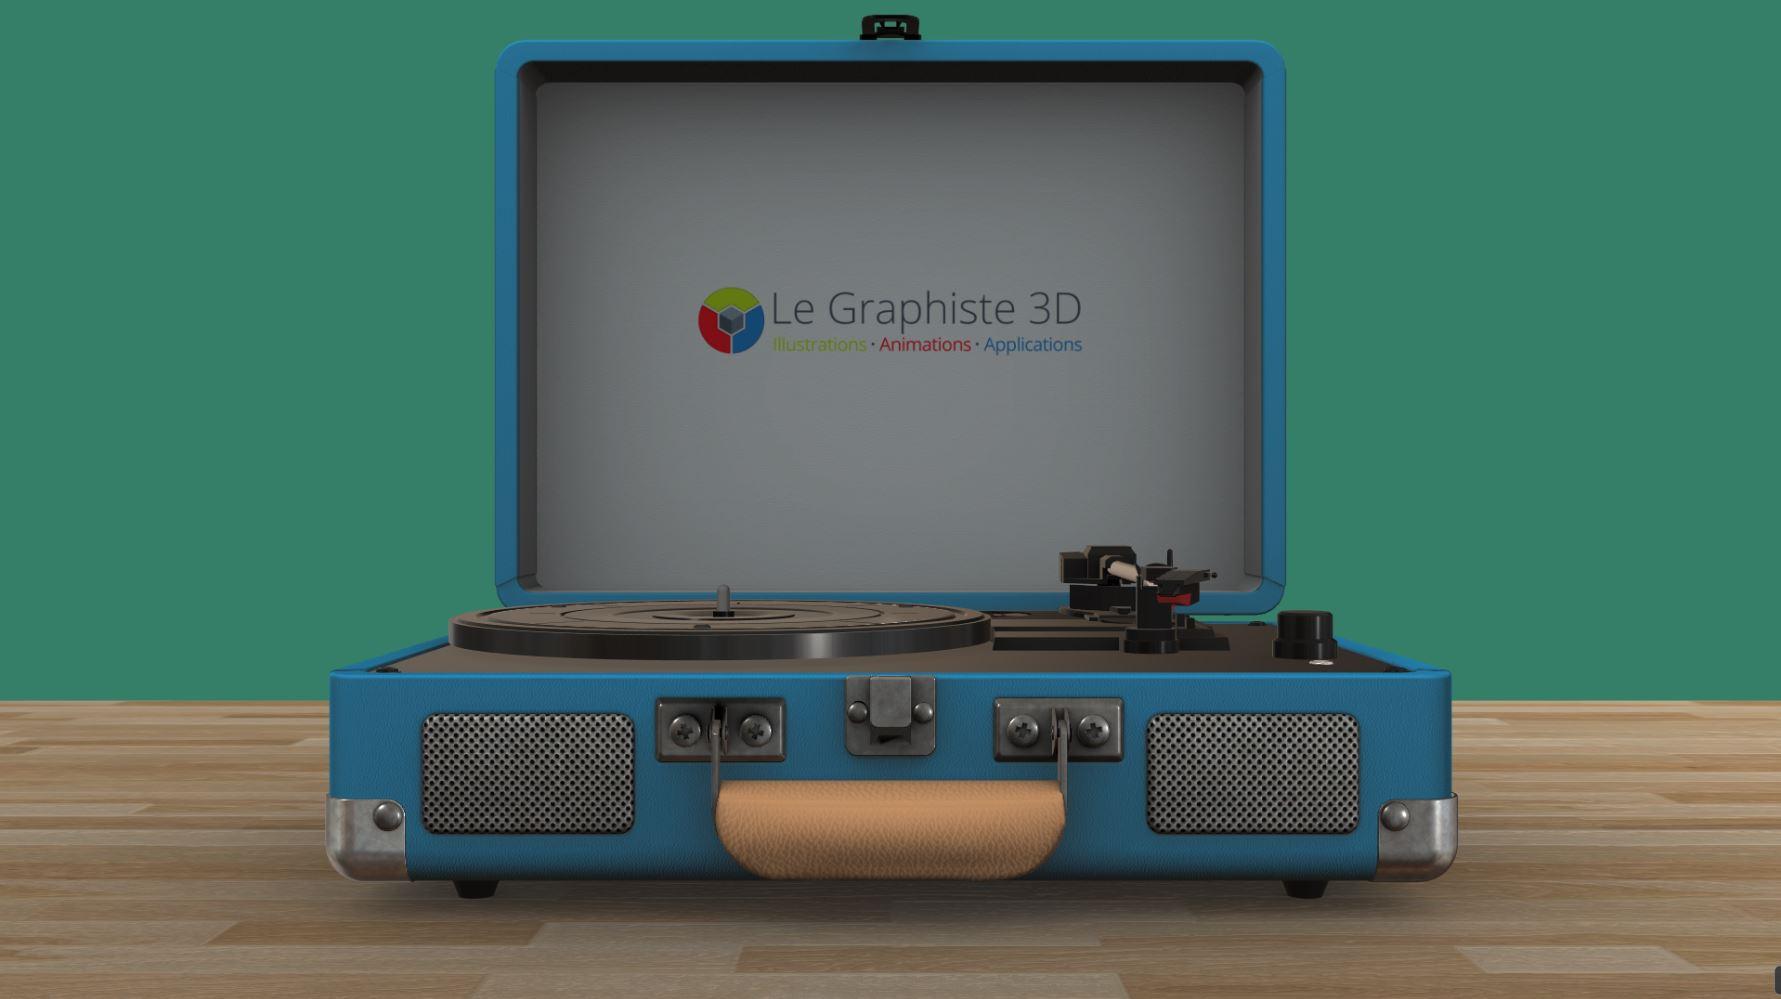 Application 3D temps réel - tourne-disque bleu sur fond vert - Le Graphiste 3D